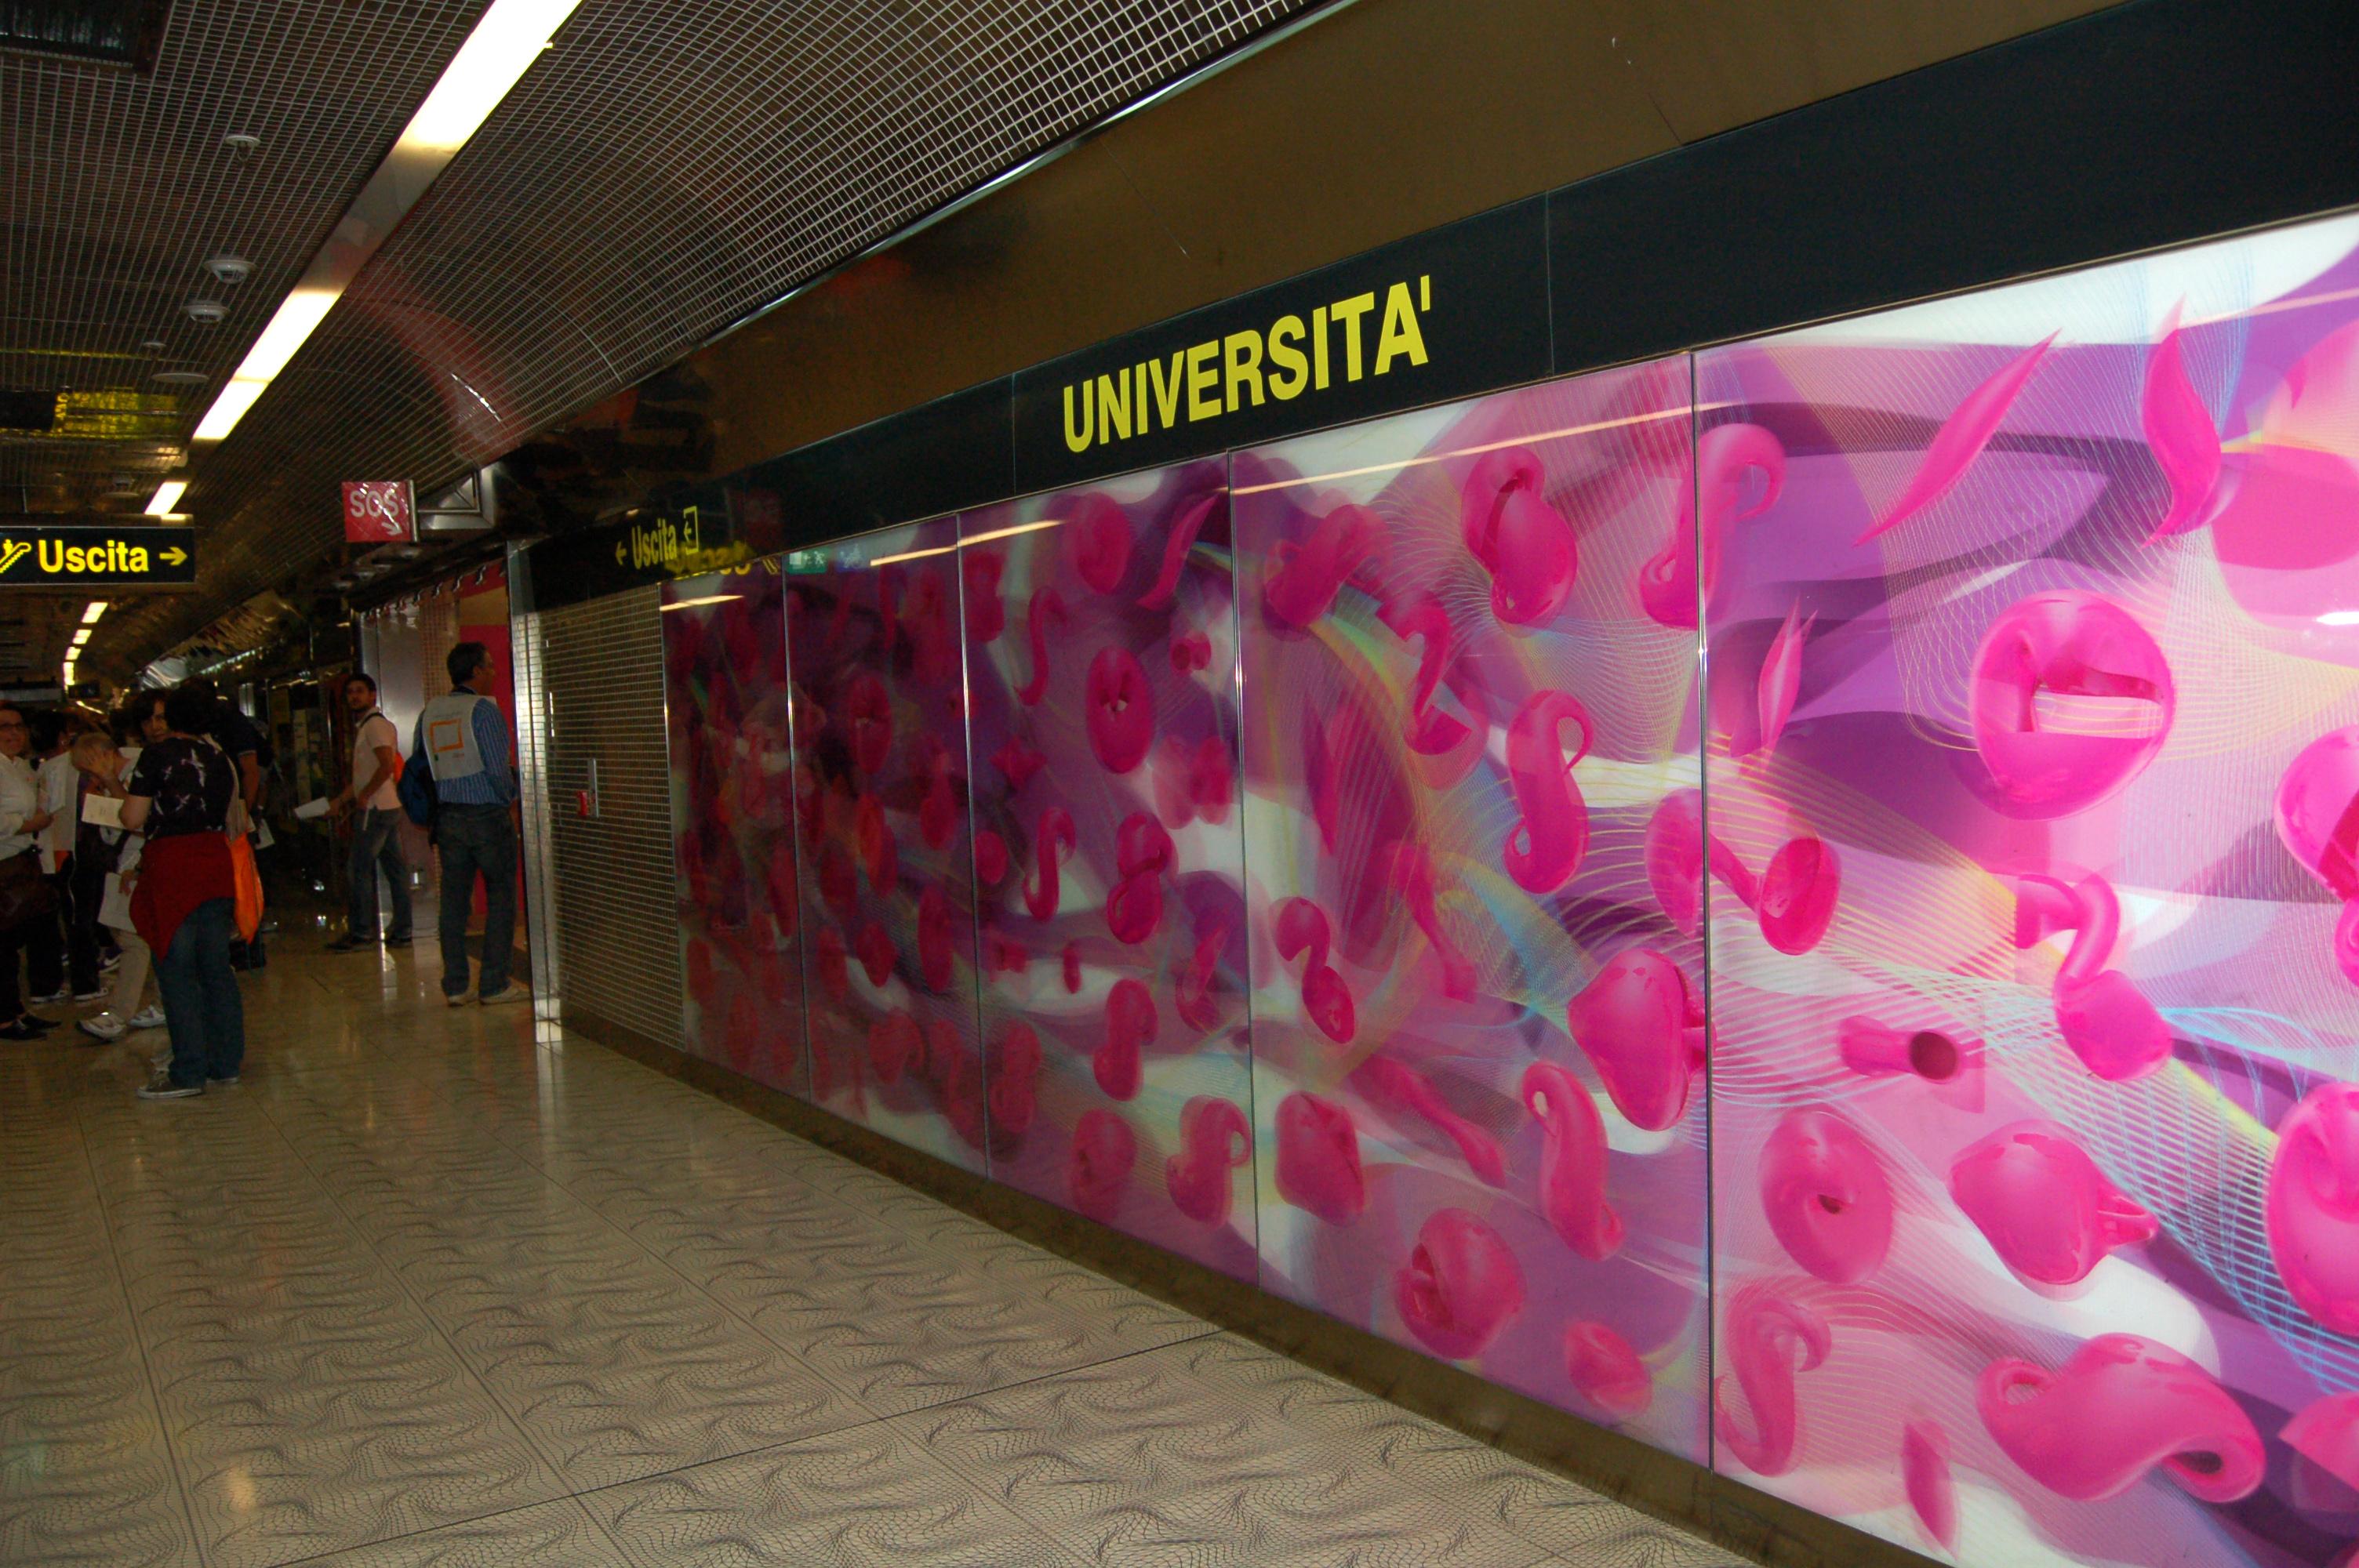 Donna finita sotto i binari alla stazione Università della Linea 1 di Napoli